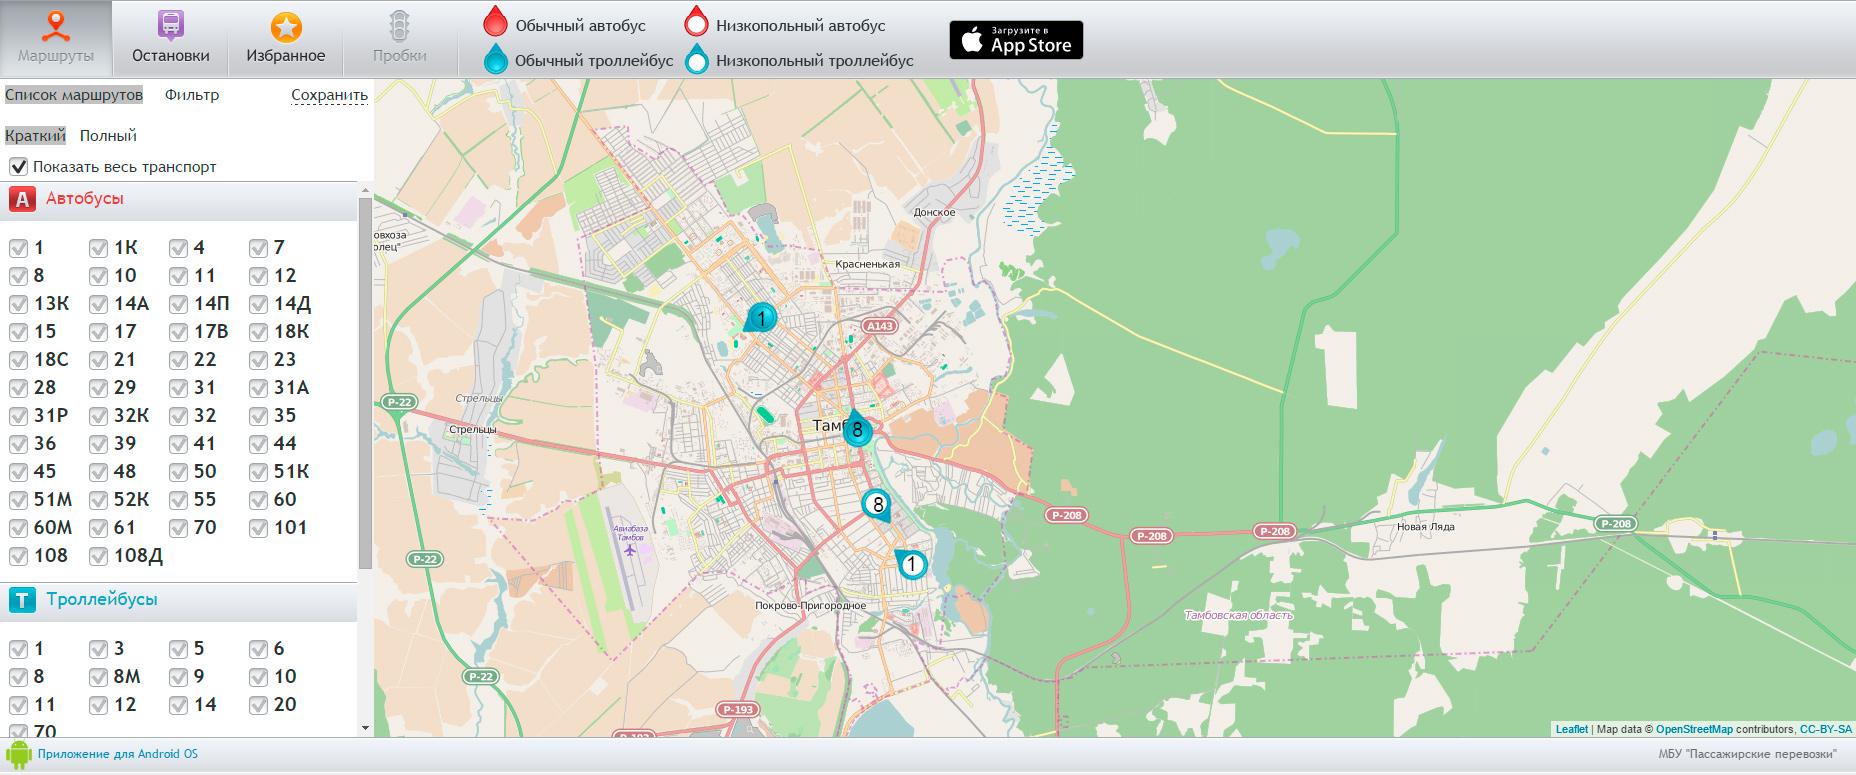 Маршрут автобуса 503 на карте Москвы